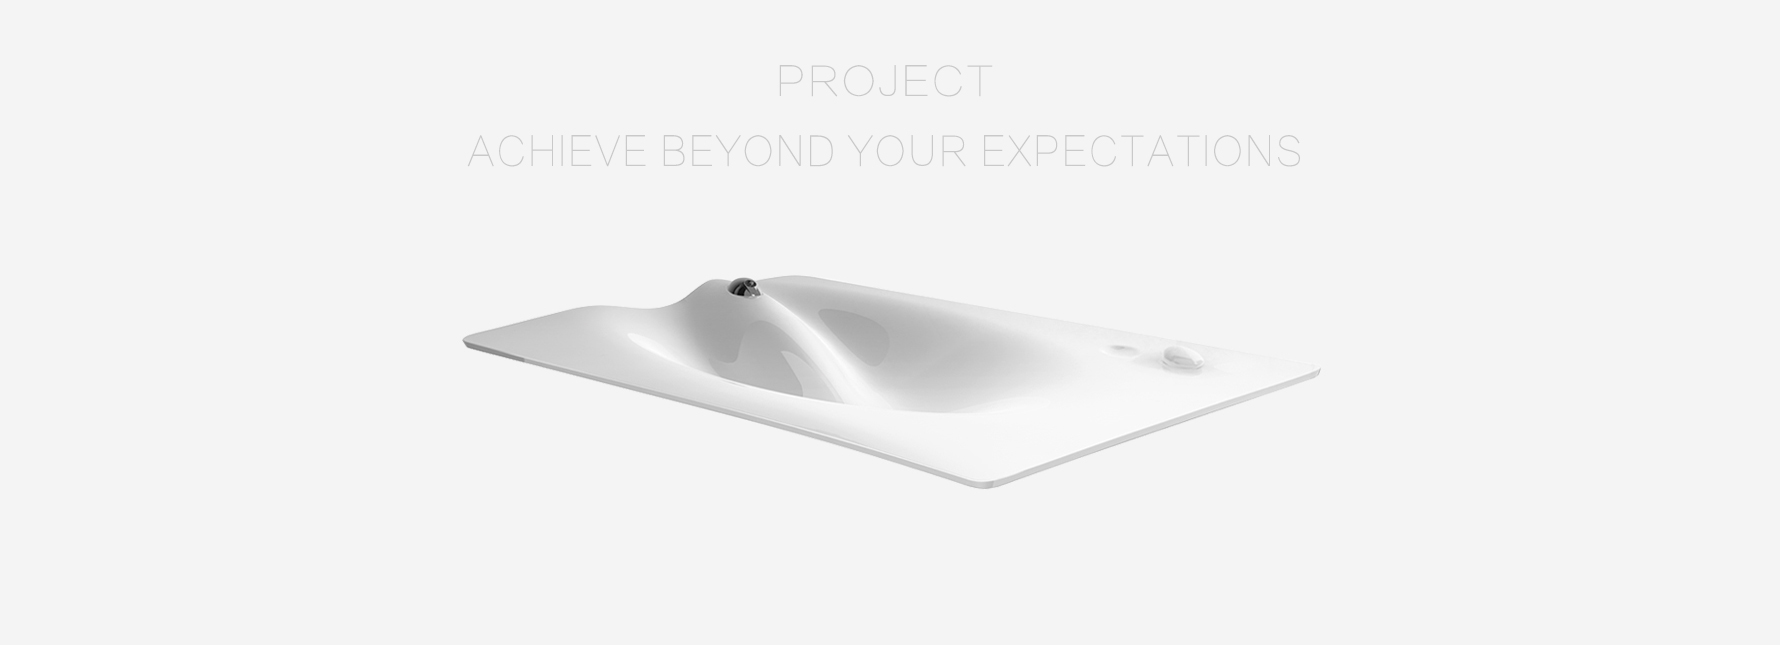 厦门产品外观设计公司-【推荐】专业的厦门产品工业设计公司